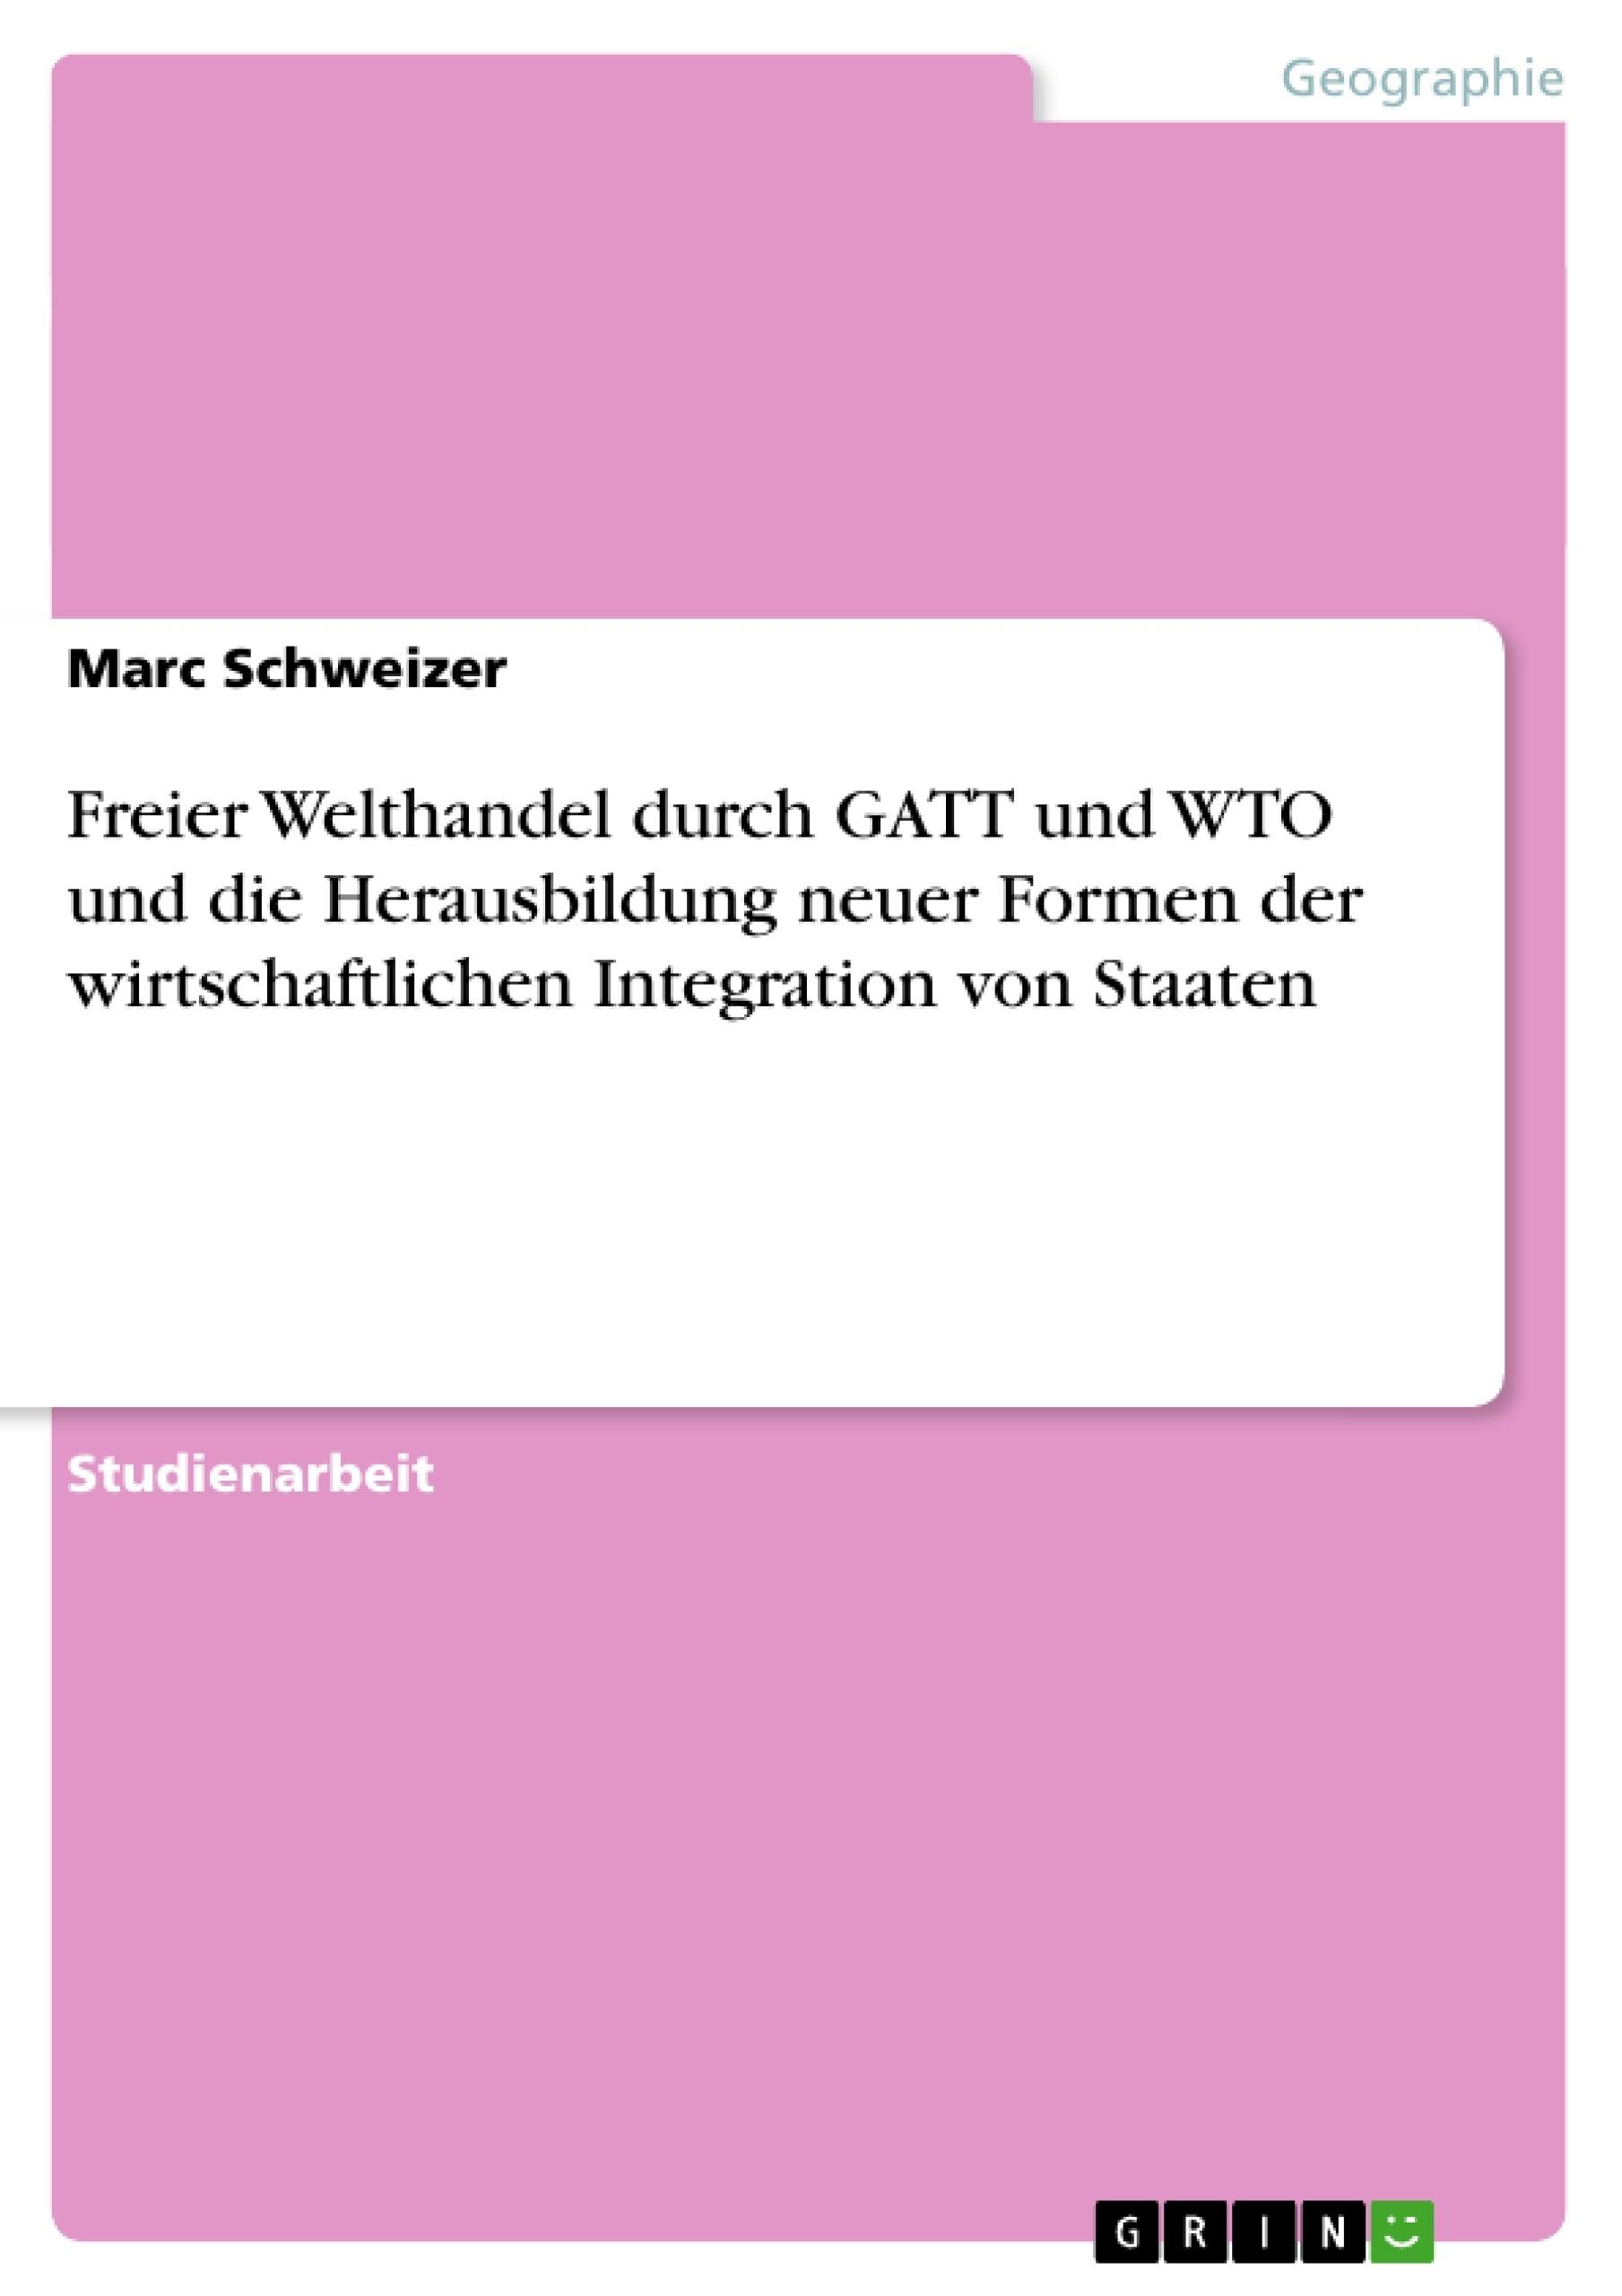 Titel: Freier Welthandel durch GATT und WTO und die Herausbildung neuer Formen der wirtschaftlichen Integration von Staaten